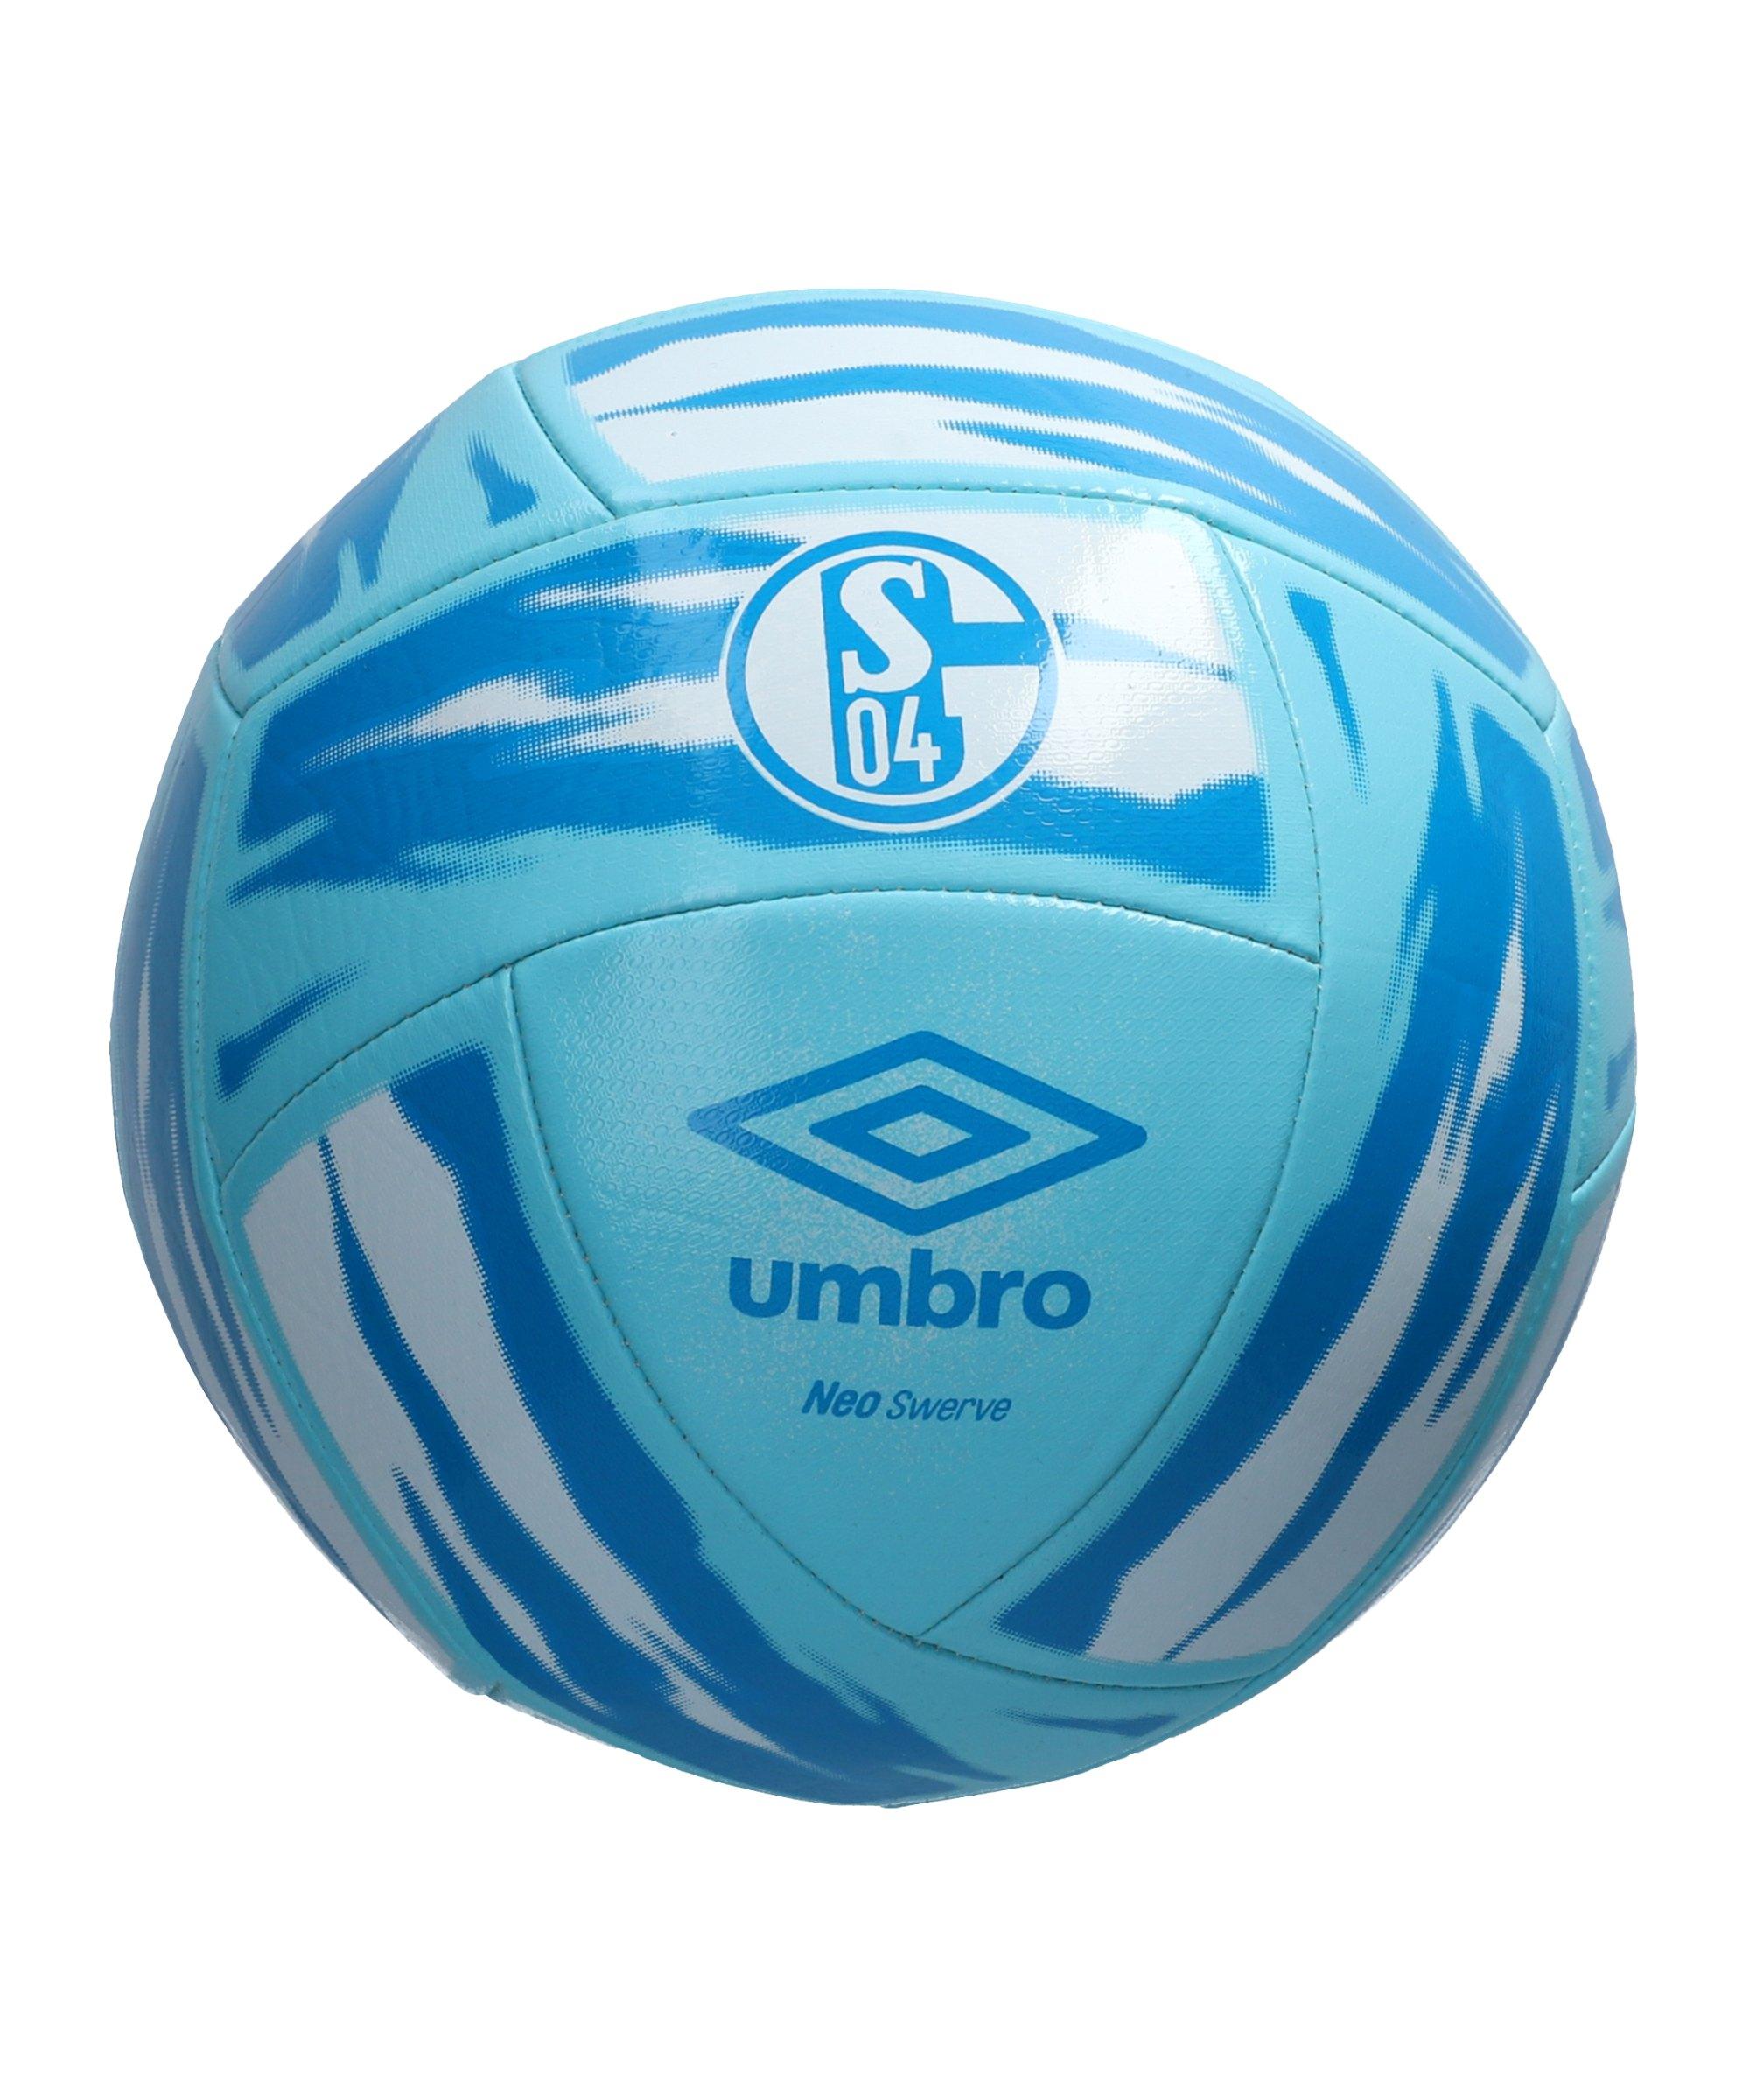 Umbro FC Schalke 04 Neo Swerve Fan-Ball Blau FKV5 - blau